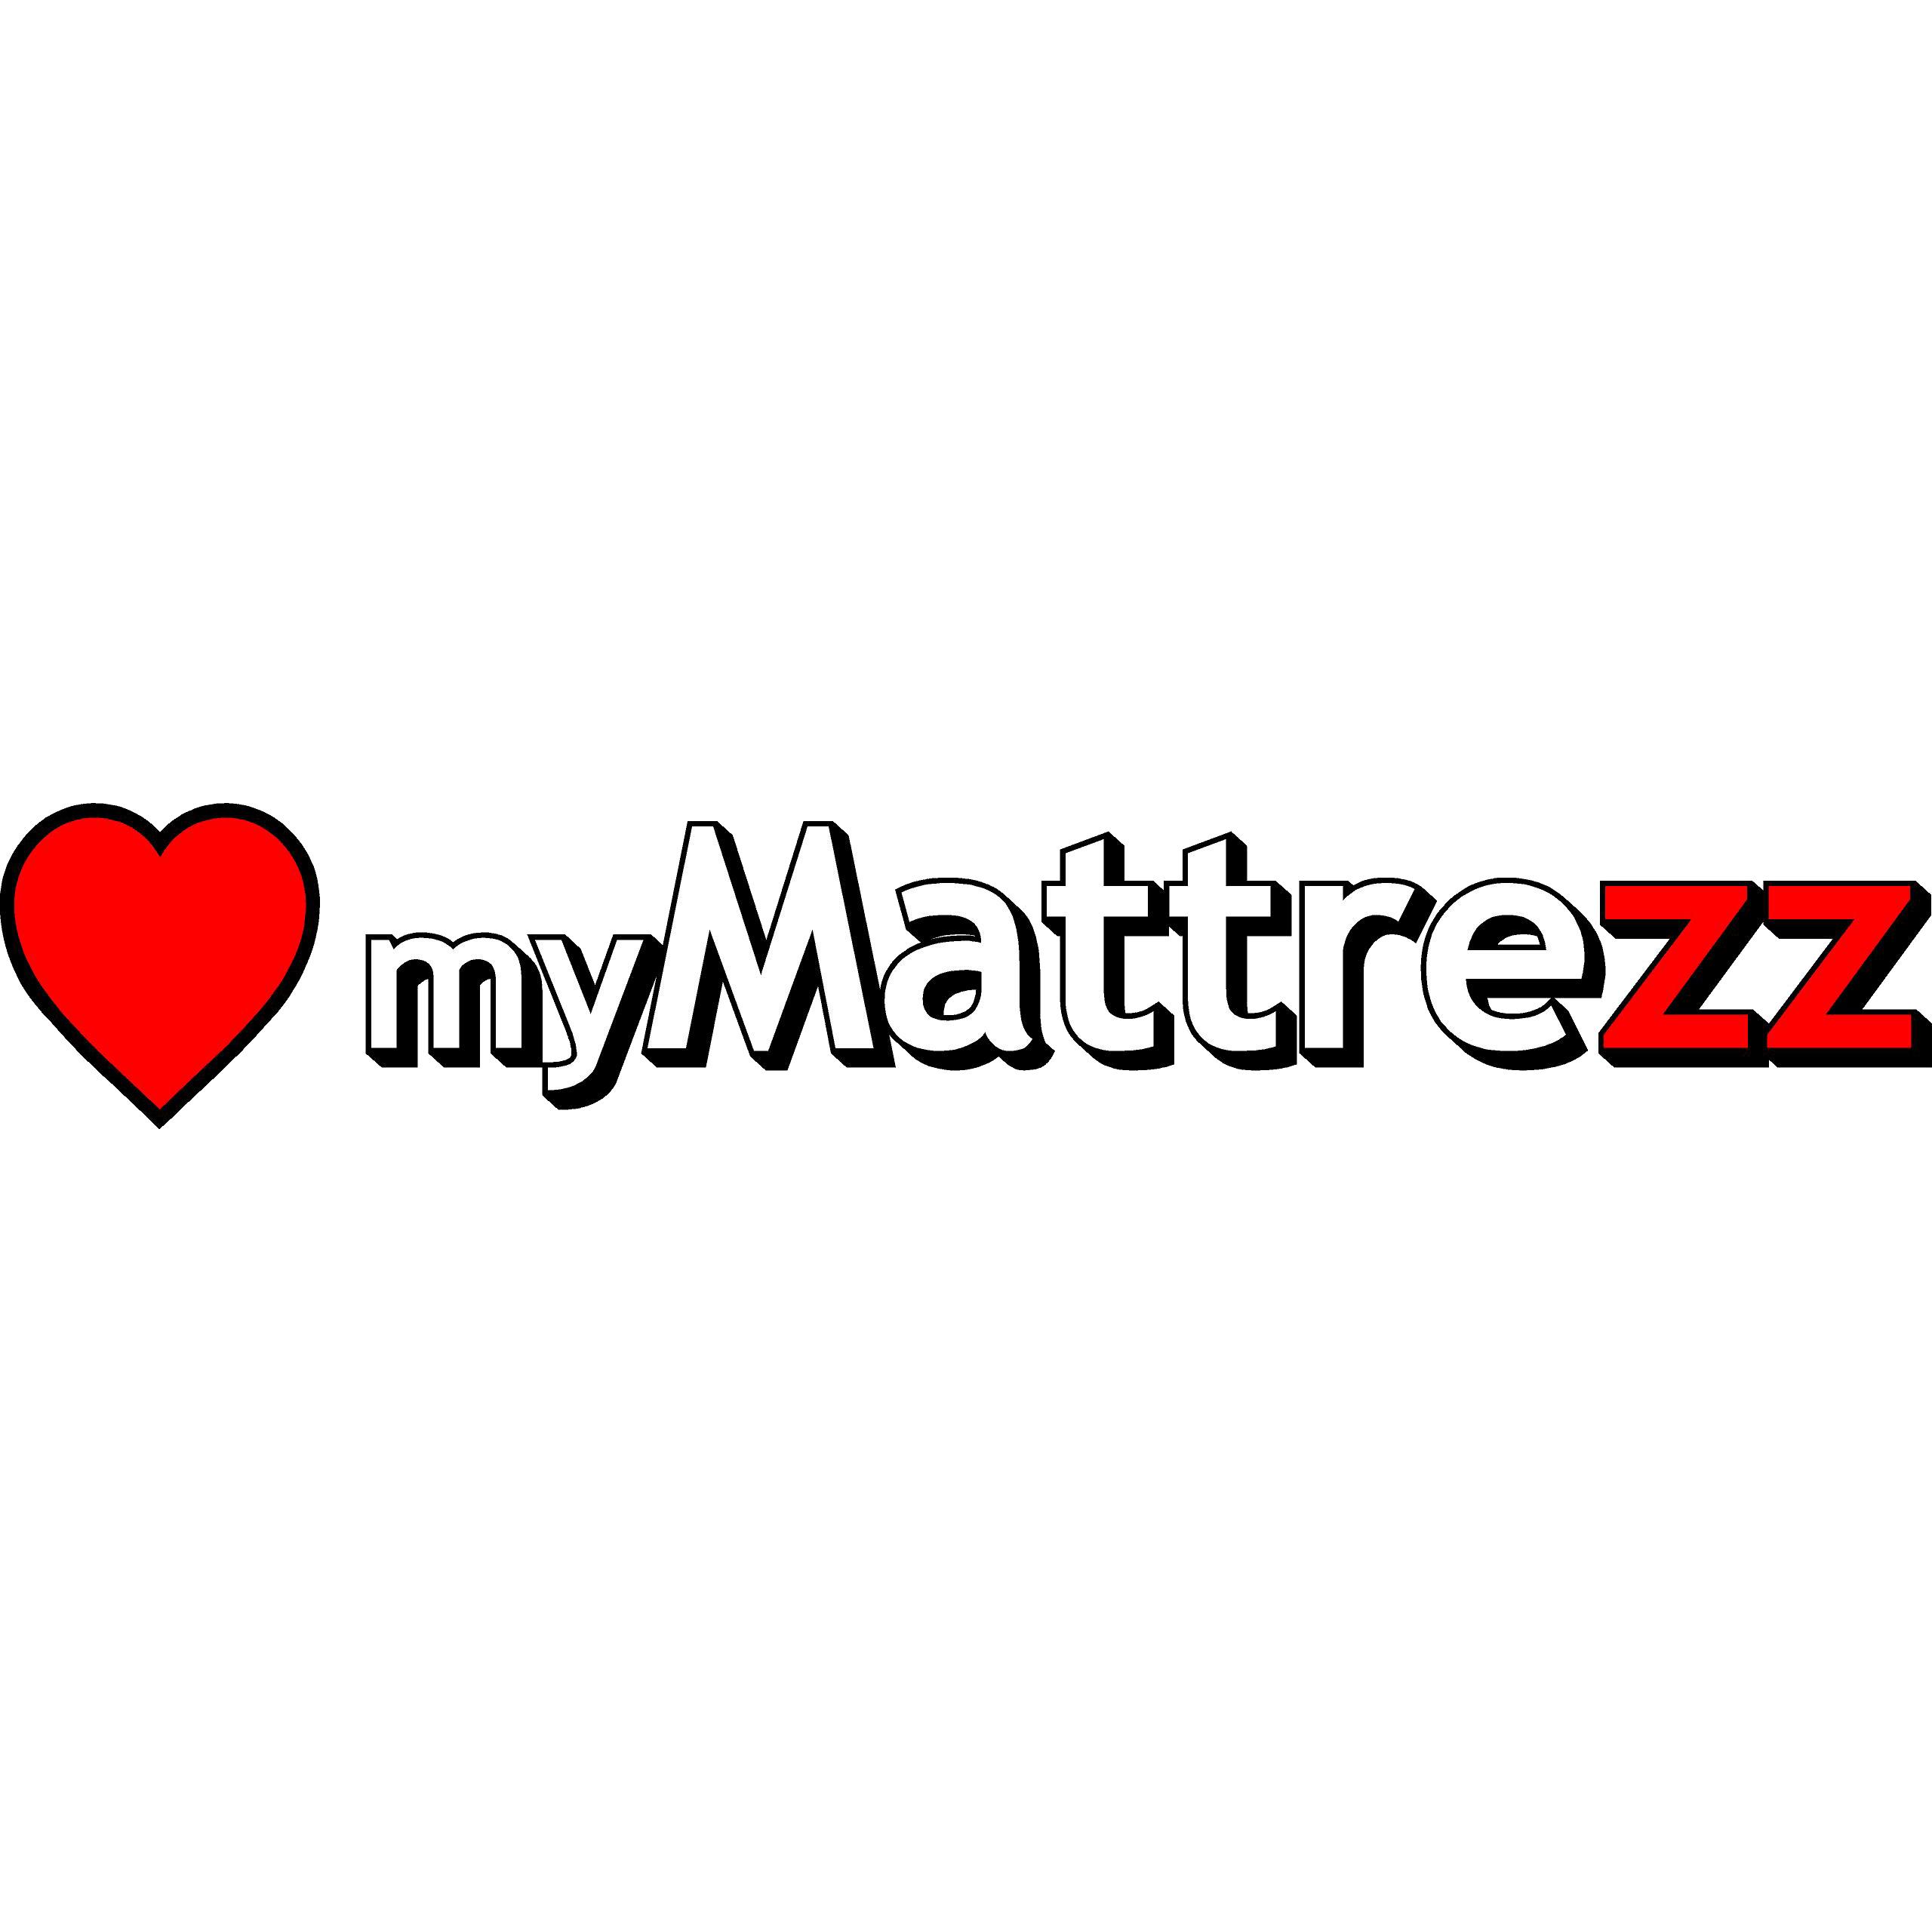 Love My Mattrezz image 6